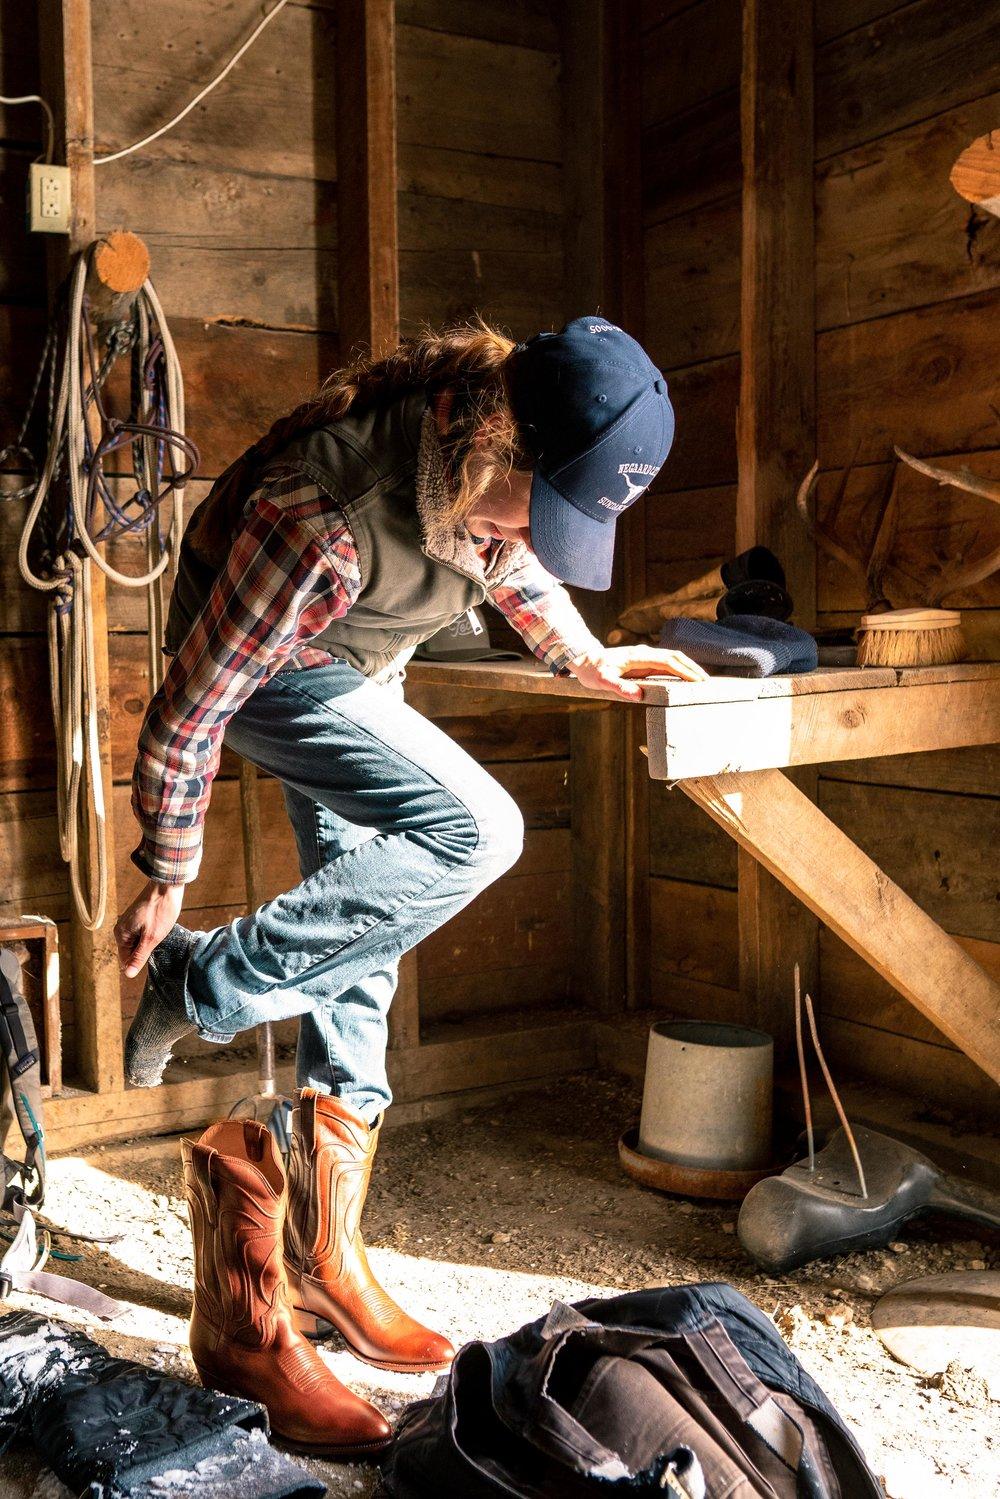 Jenna Flatgard putting Tecovas on in her barn in eastern Montana.